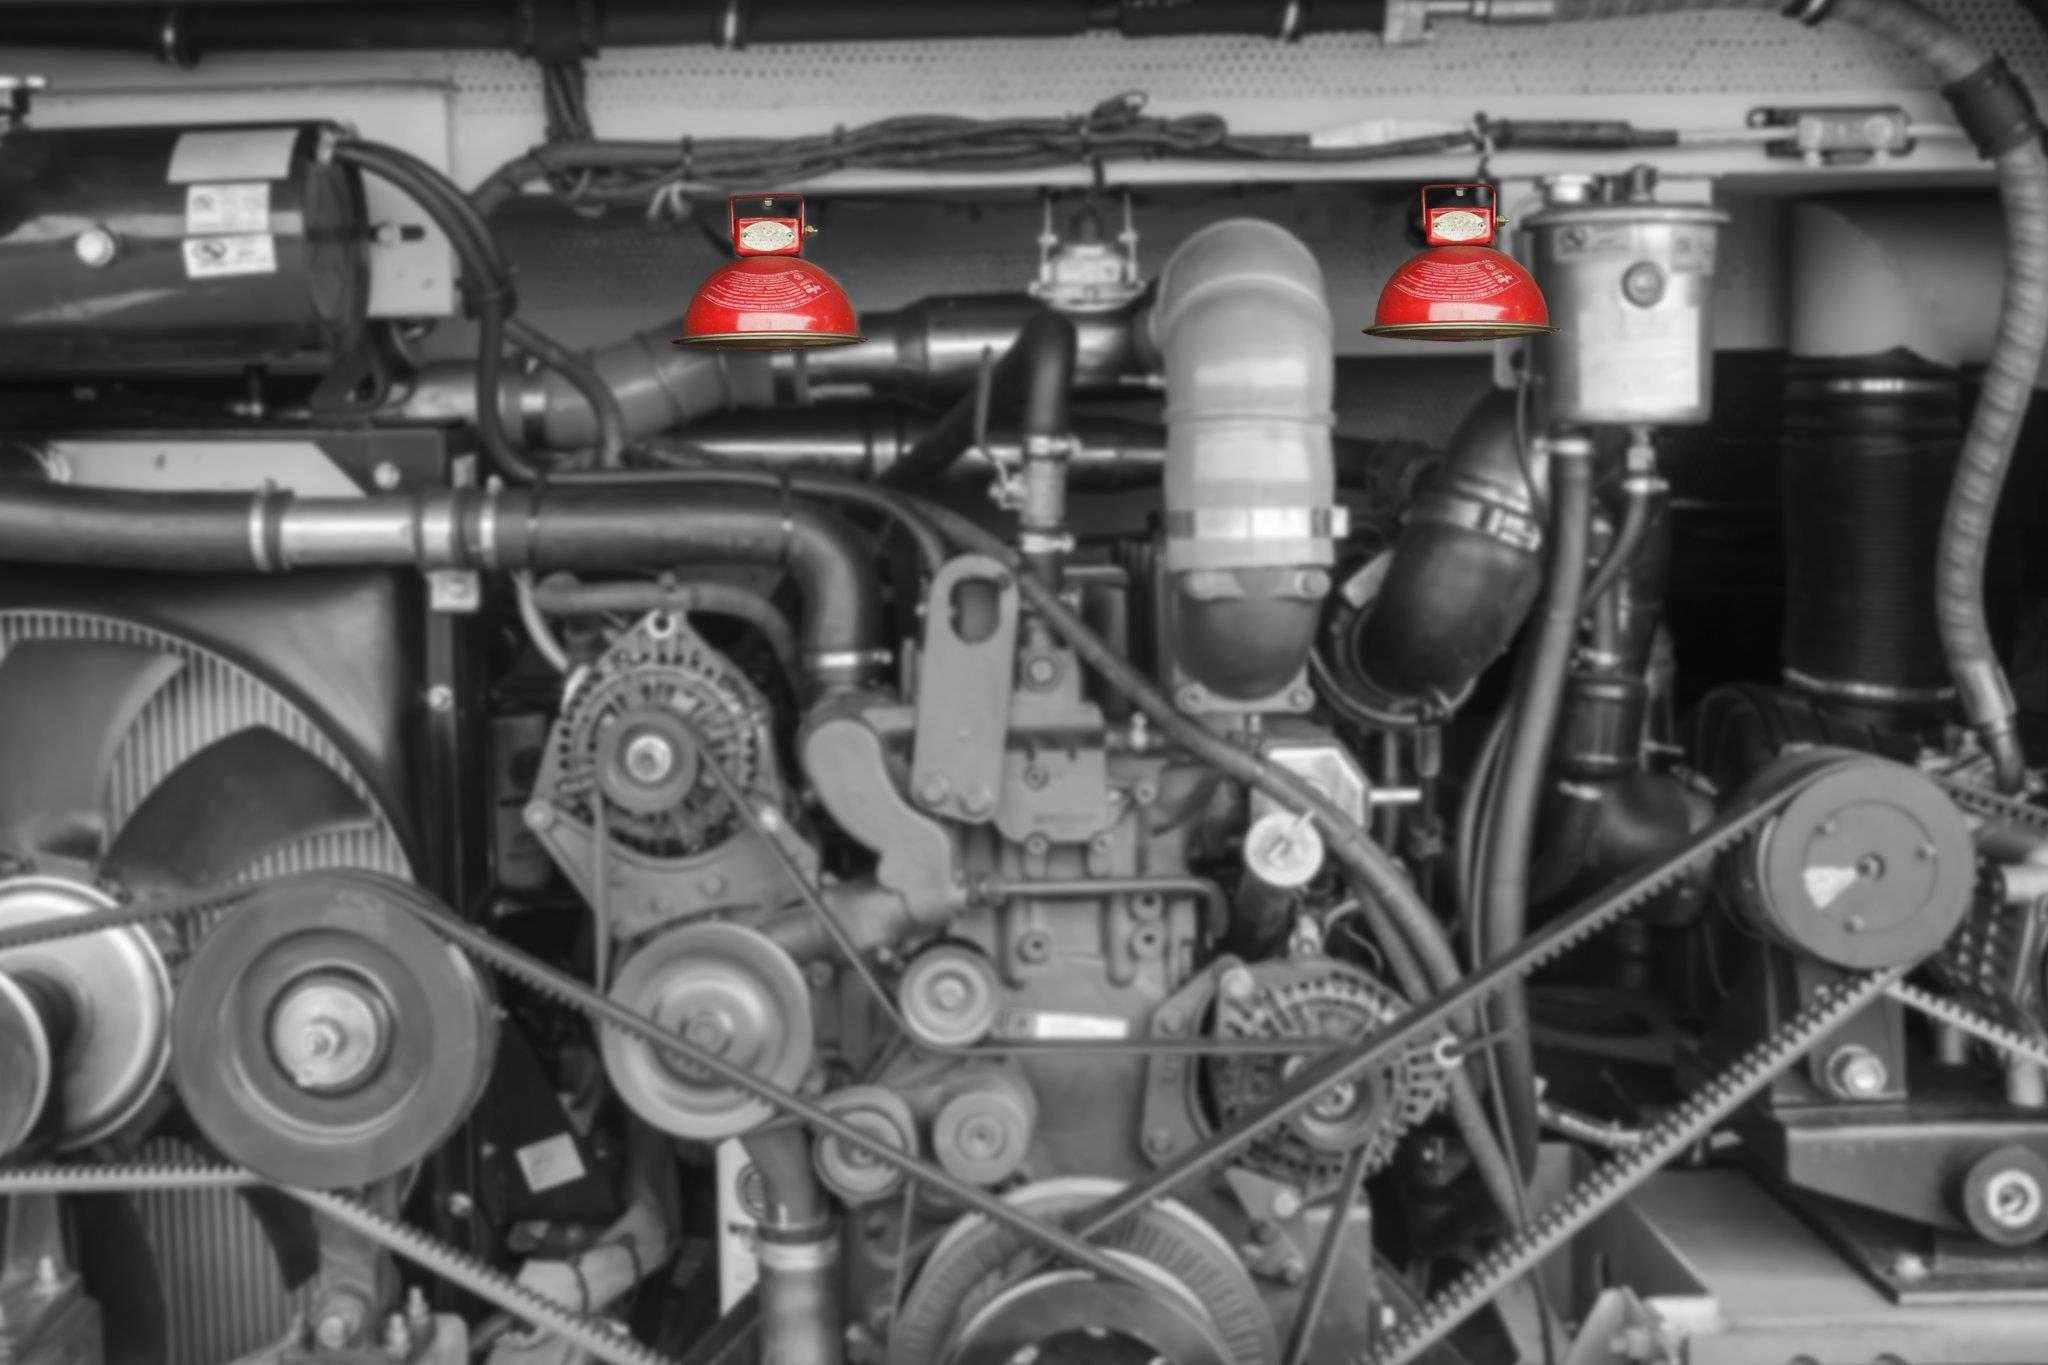 Bình chữa cháy tự động trong khoang động cơ xe King Long